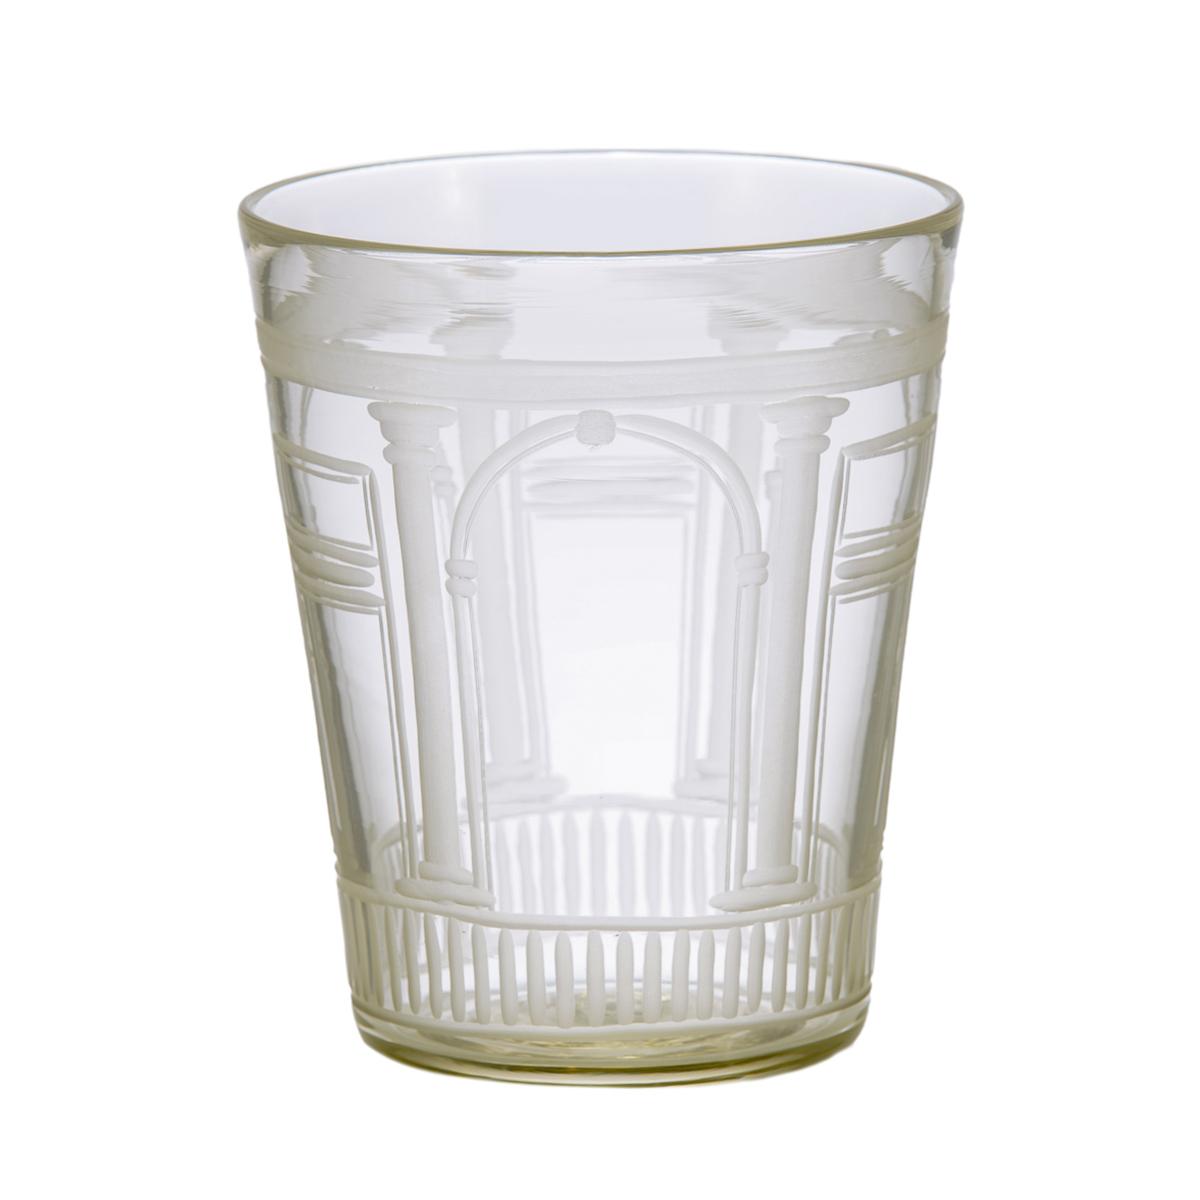 palazzo-grimani-water-glass-murano-giberto-design-precious-luxury-handmade